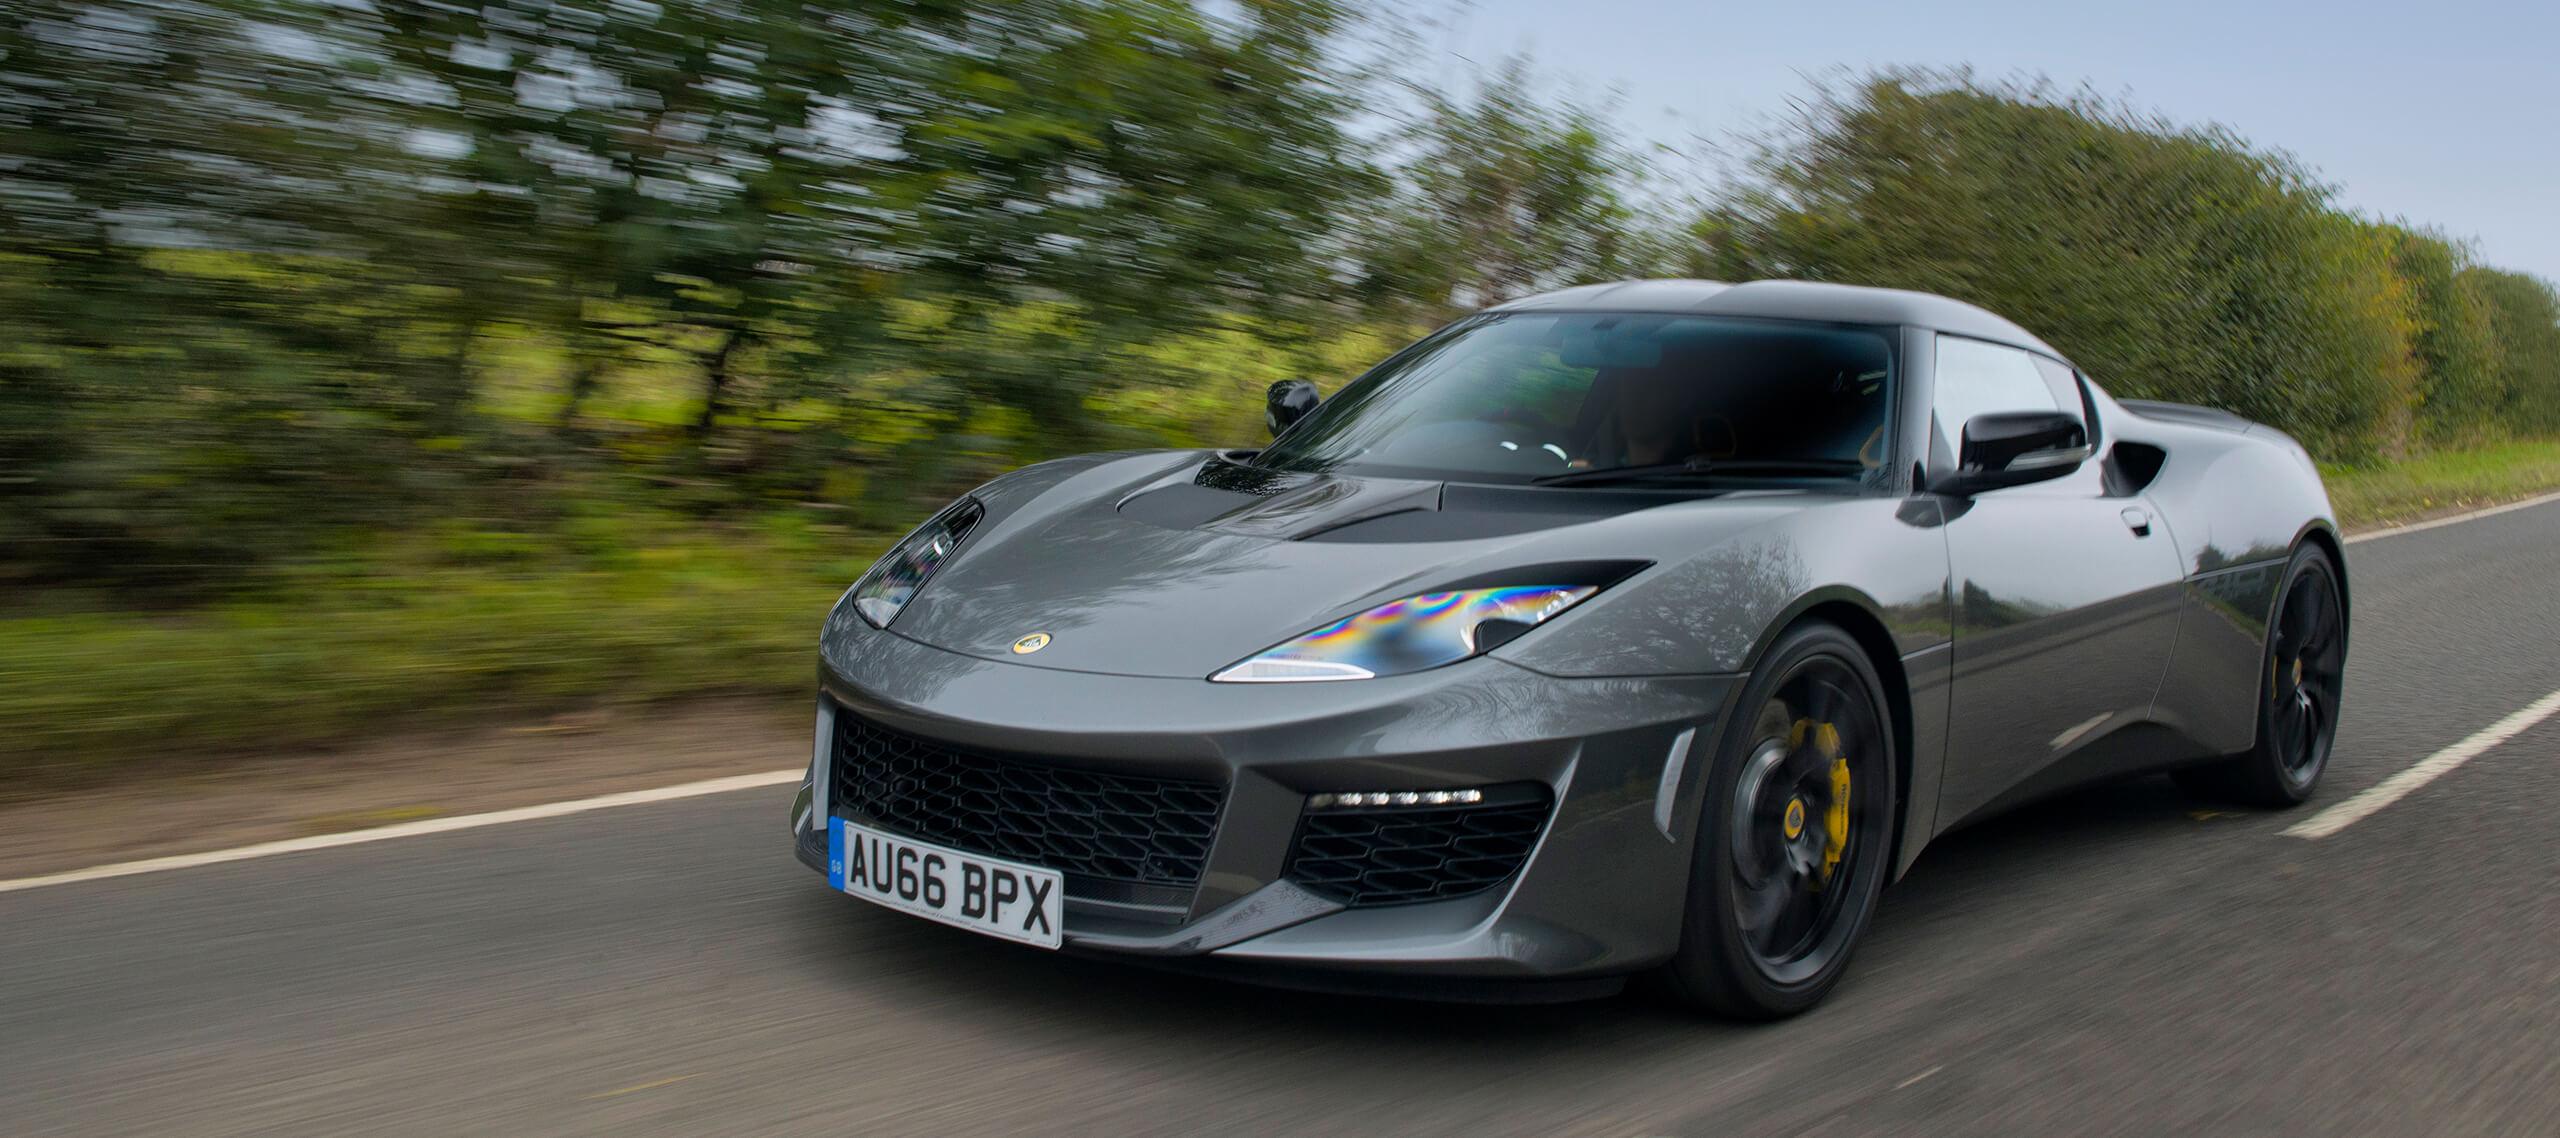 Lotus Evora 410 Sport Model Range